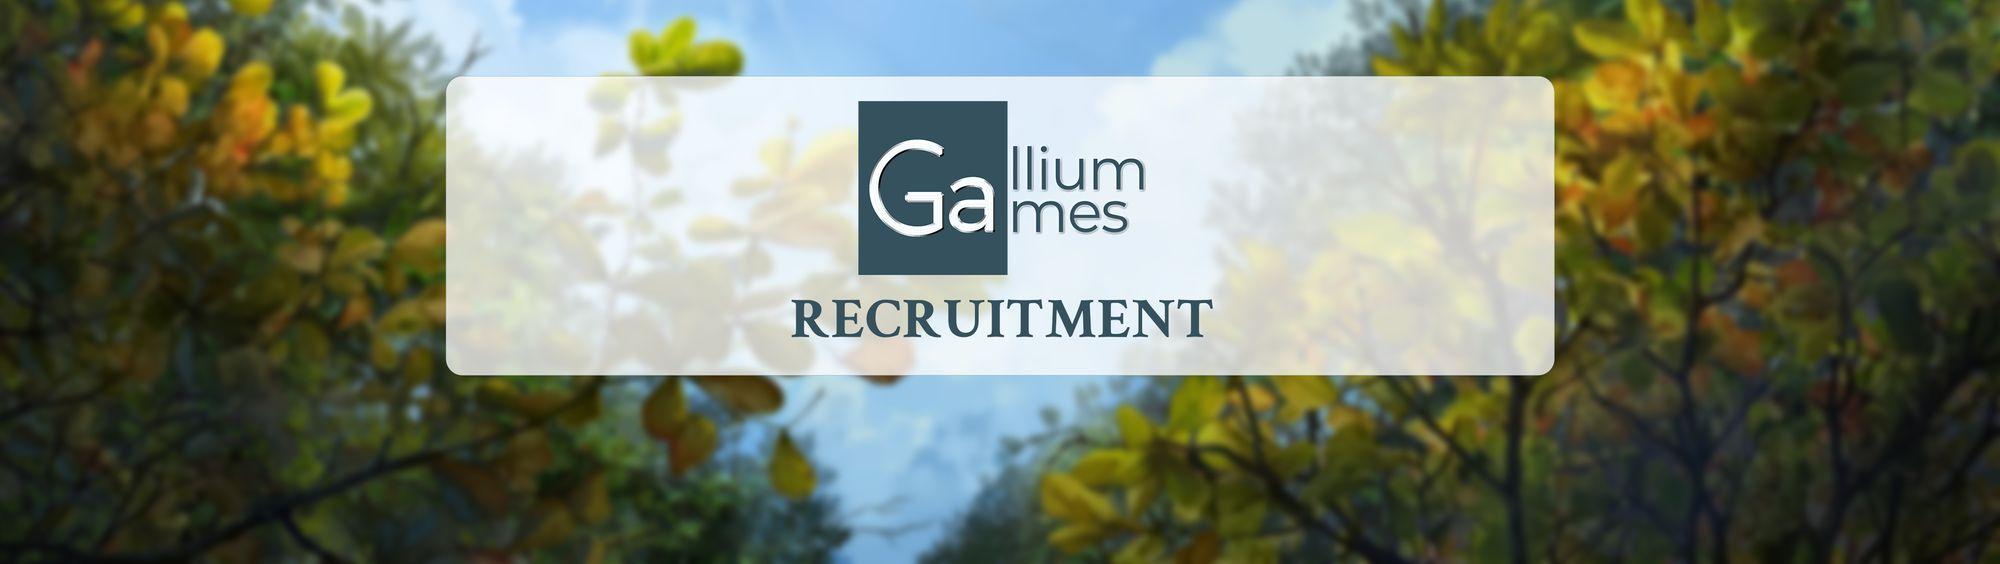 Gallium Games is recruiting!